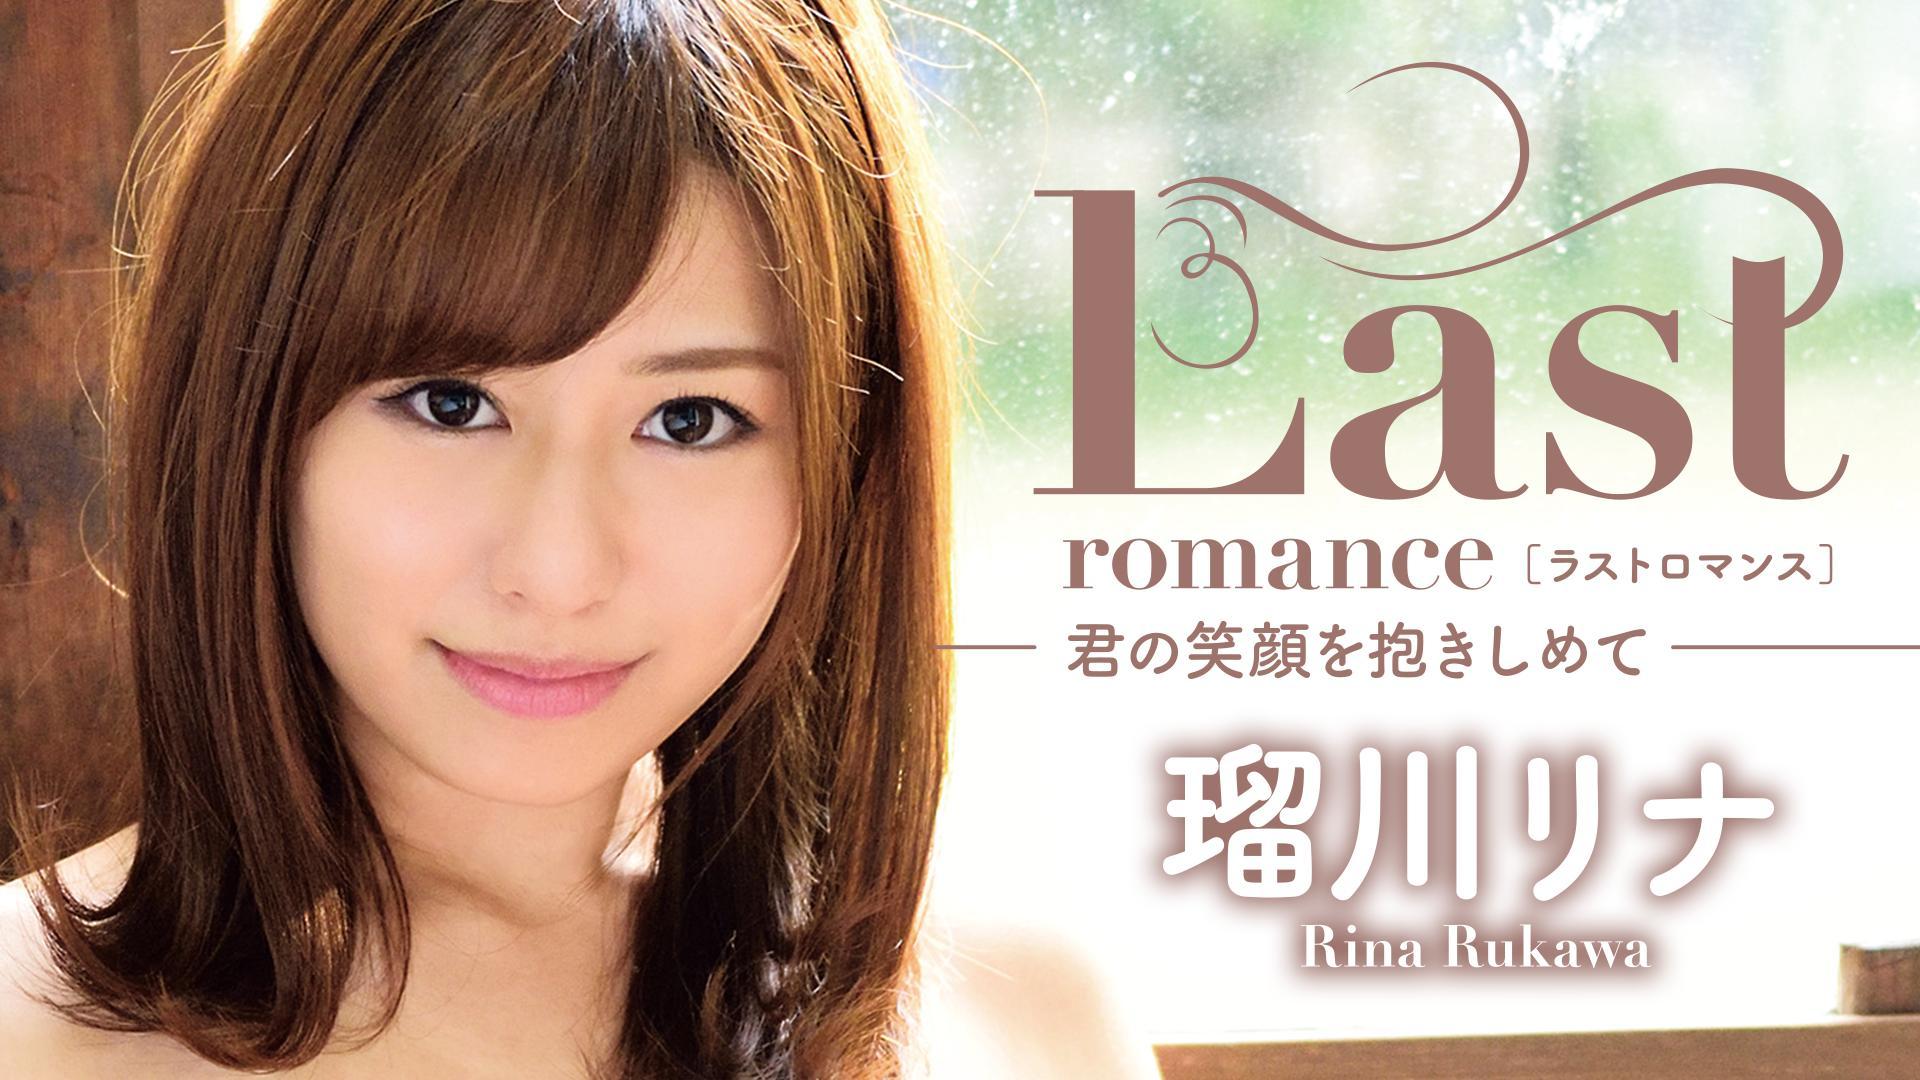 瑠川リナ『Last Romance ~君の笑顔を抱きしめて~』